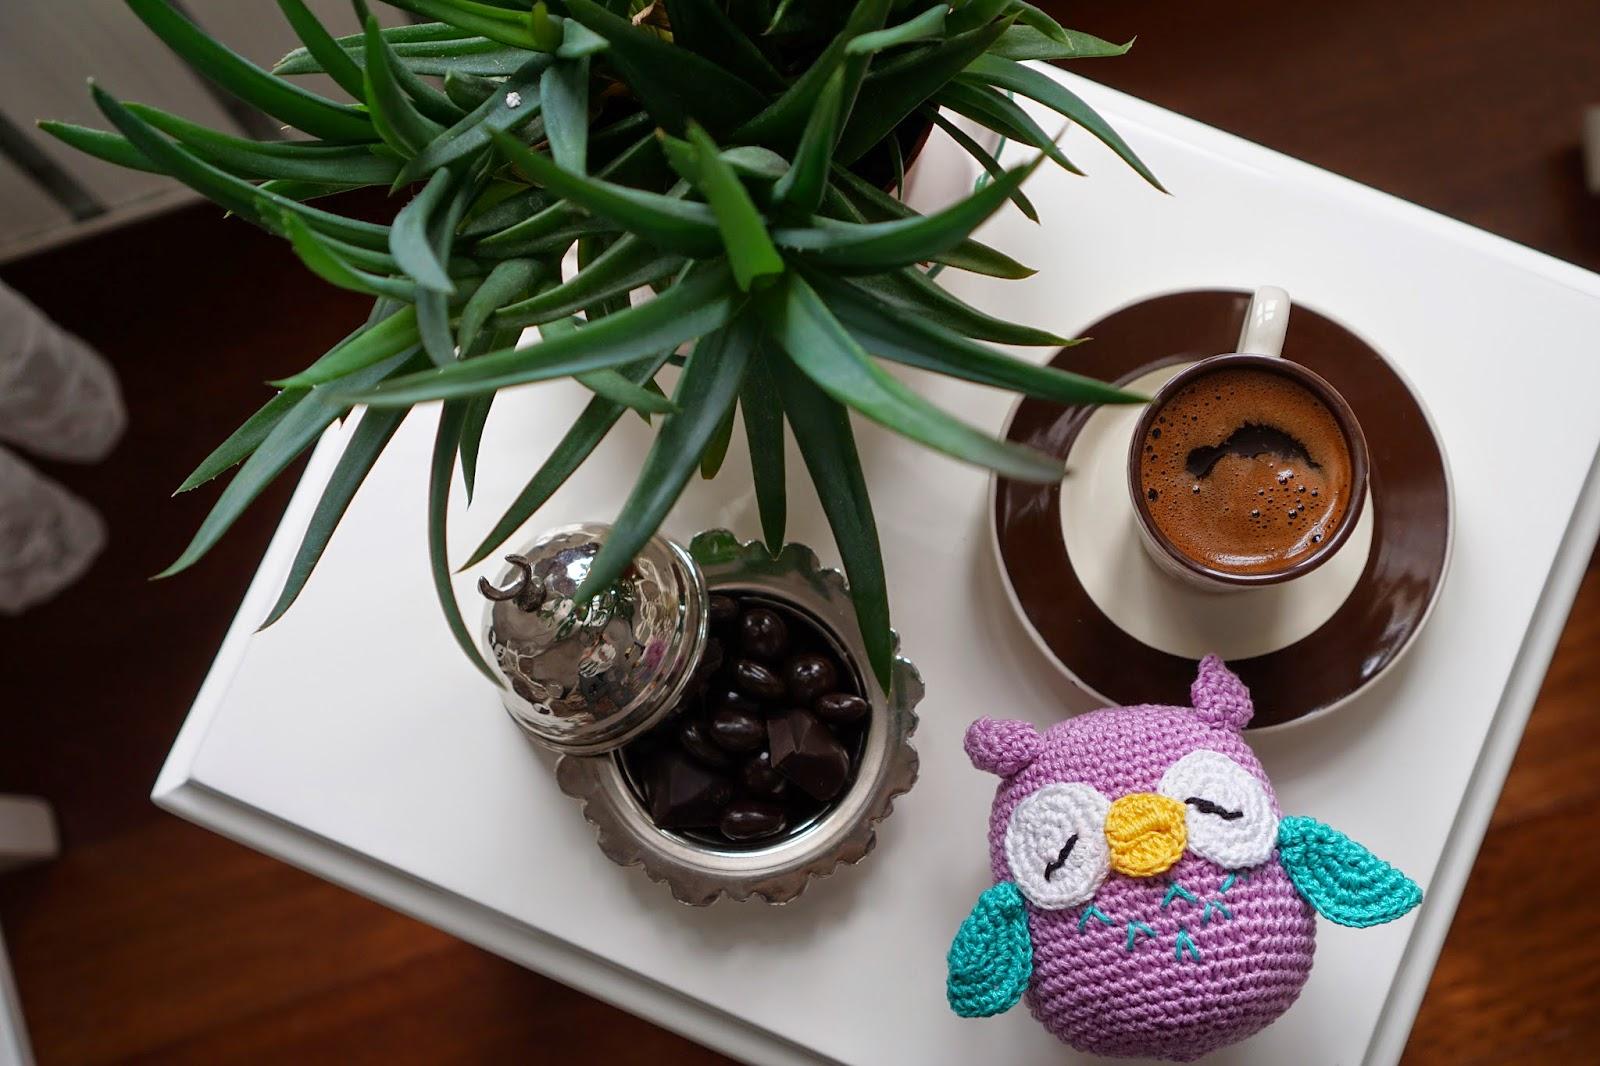 Turk kahvesi yaninda cikolata + amigurumi oyuncak